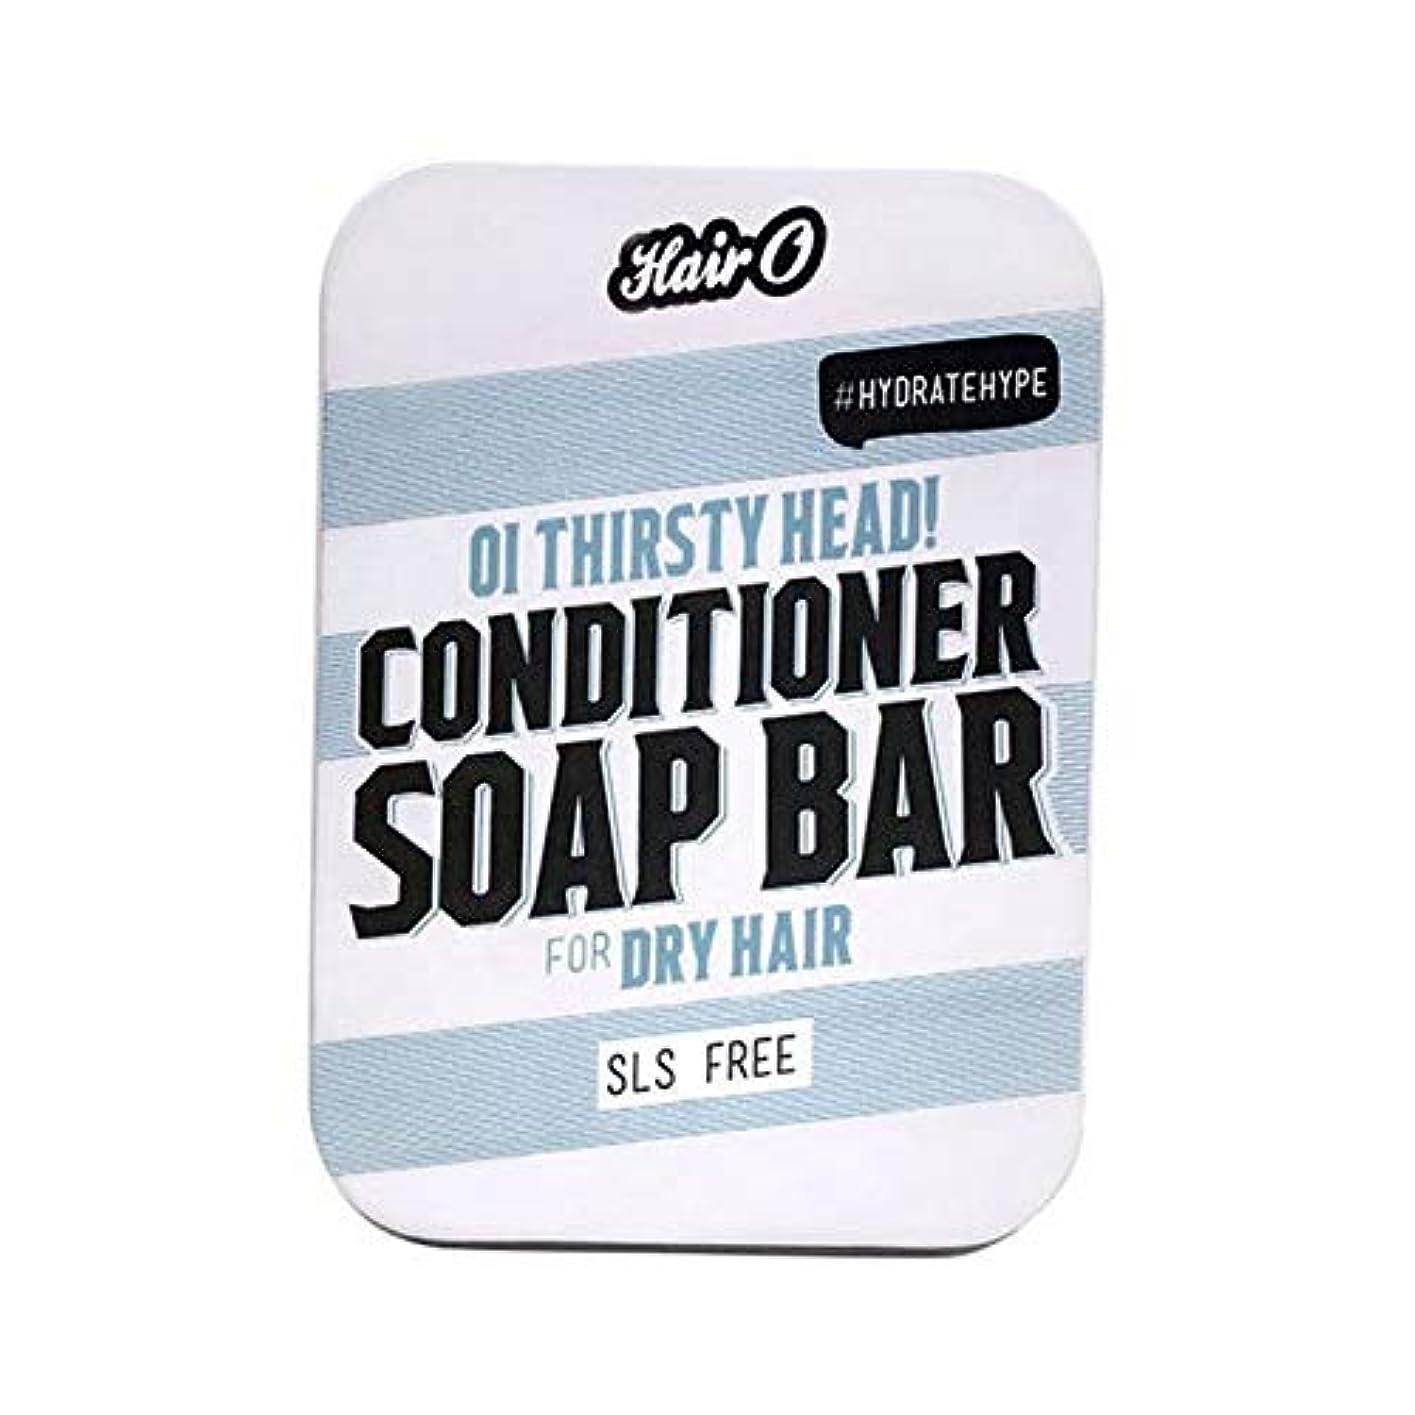 直面するキャロライン記憶[Hair O ] 大井のどが渇いヘッドコンディショナーソープバー100グラムO毛 - Hair O Oi Thirsty Head Conditioner Soap Bar 100g [並行輸入品]